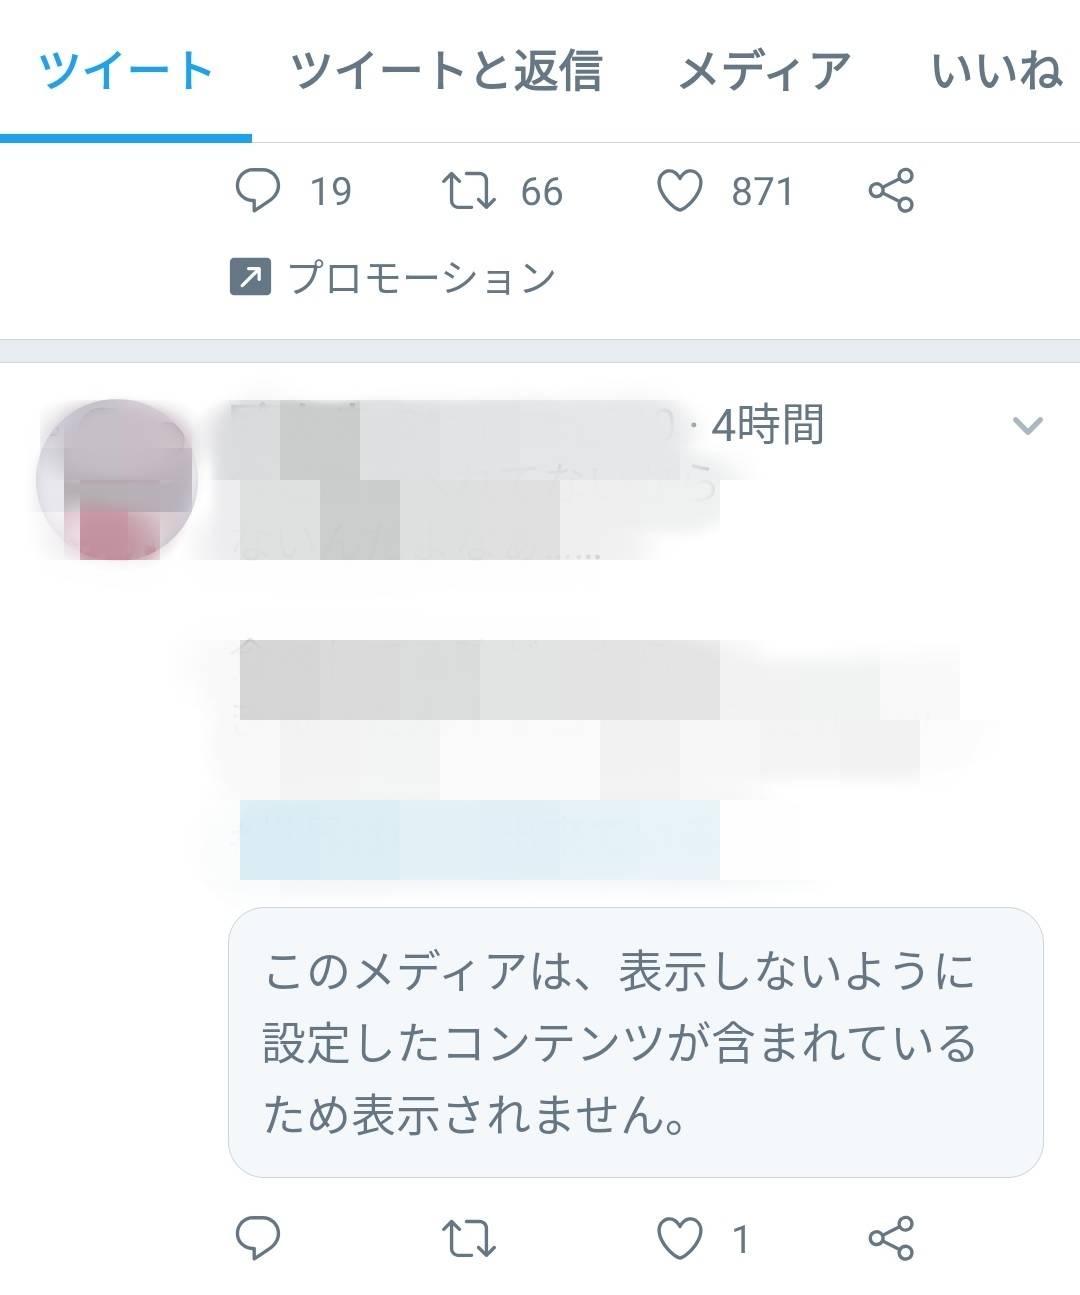 センシティブ な 内容 設定 twitter